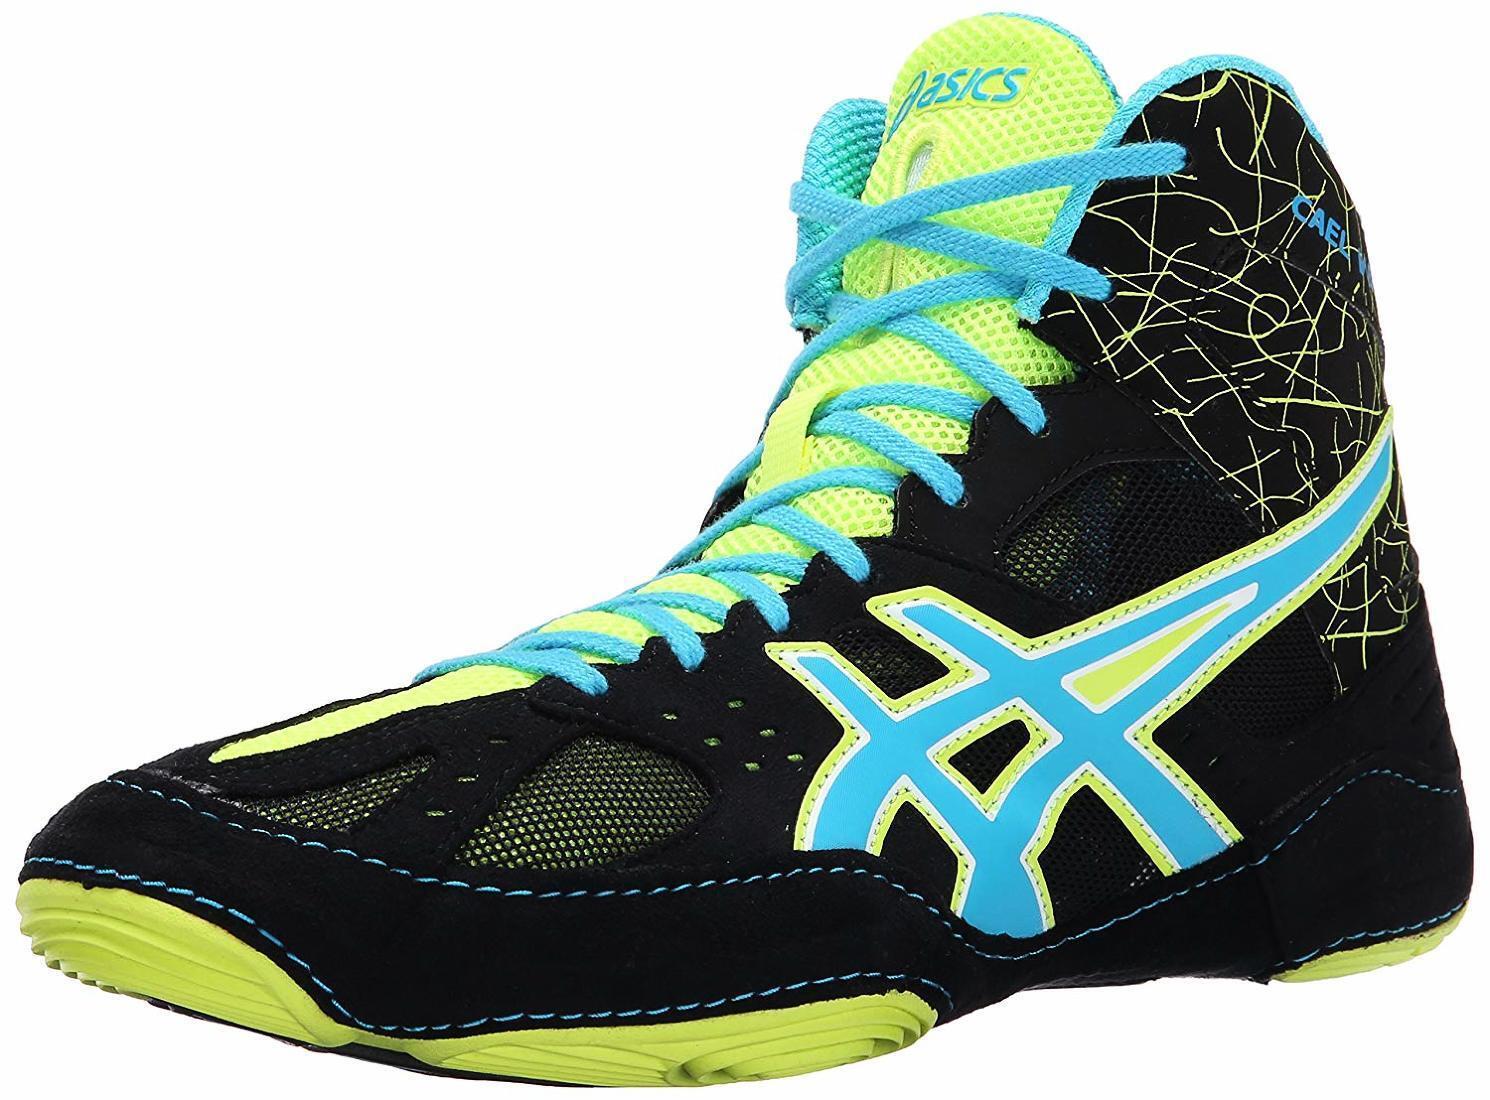 Adidas (modello bt top b39509 (originali superstar superstar superstar gelato scarpe da ginnastica) dimensioni 6 807479